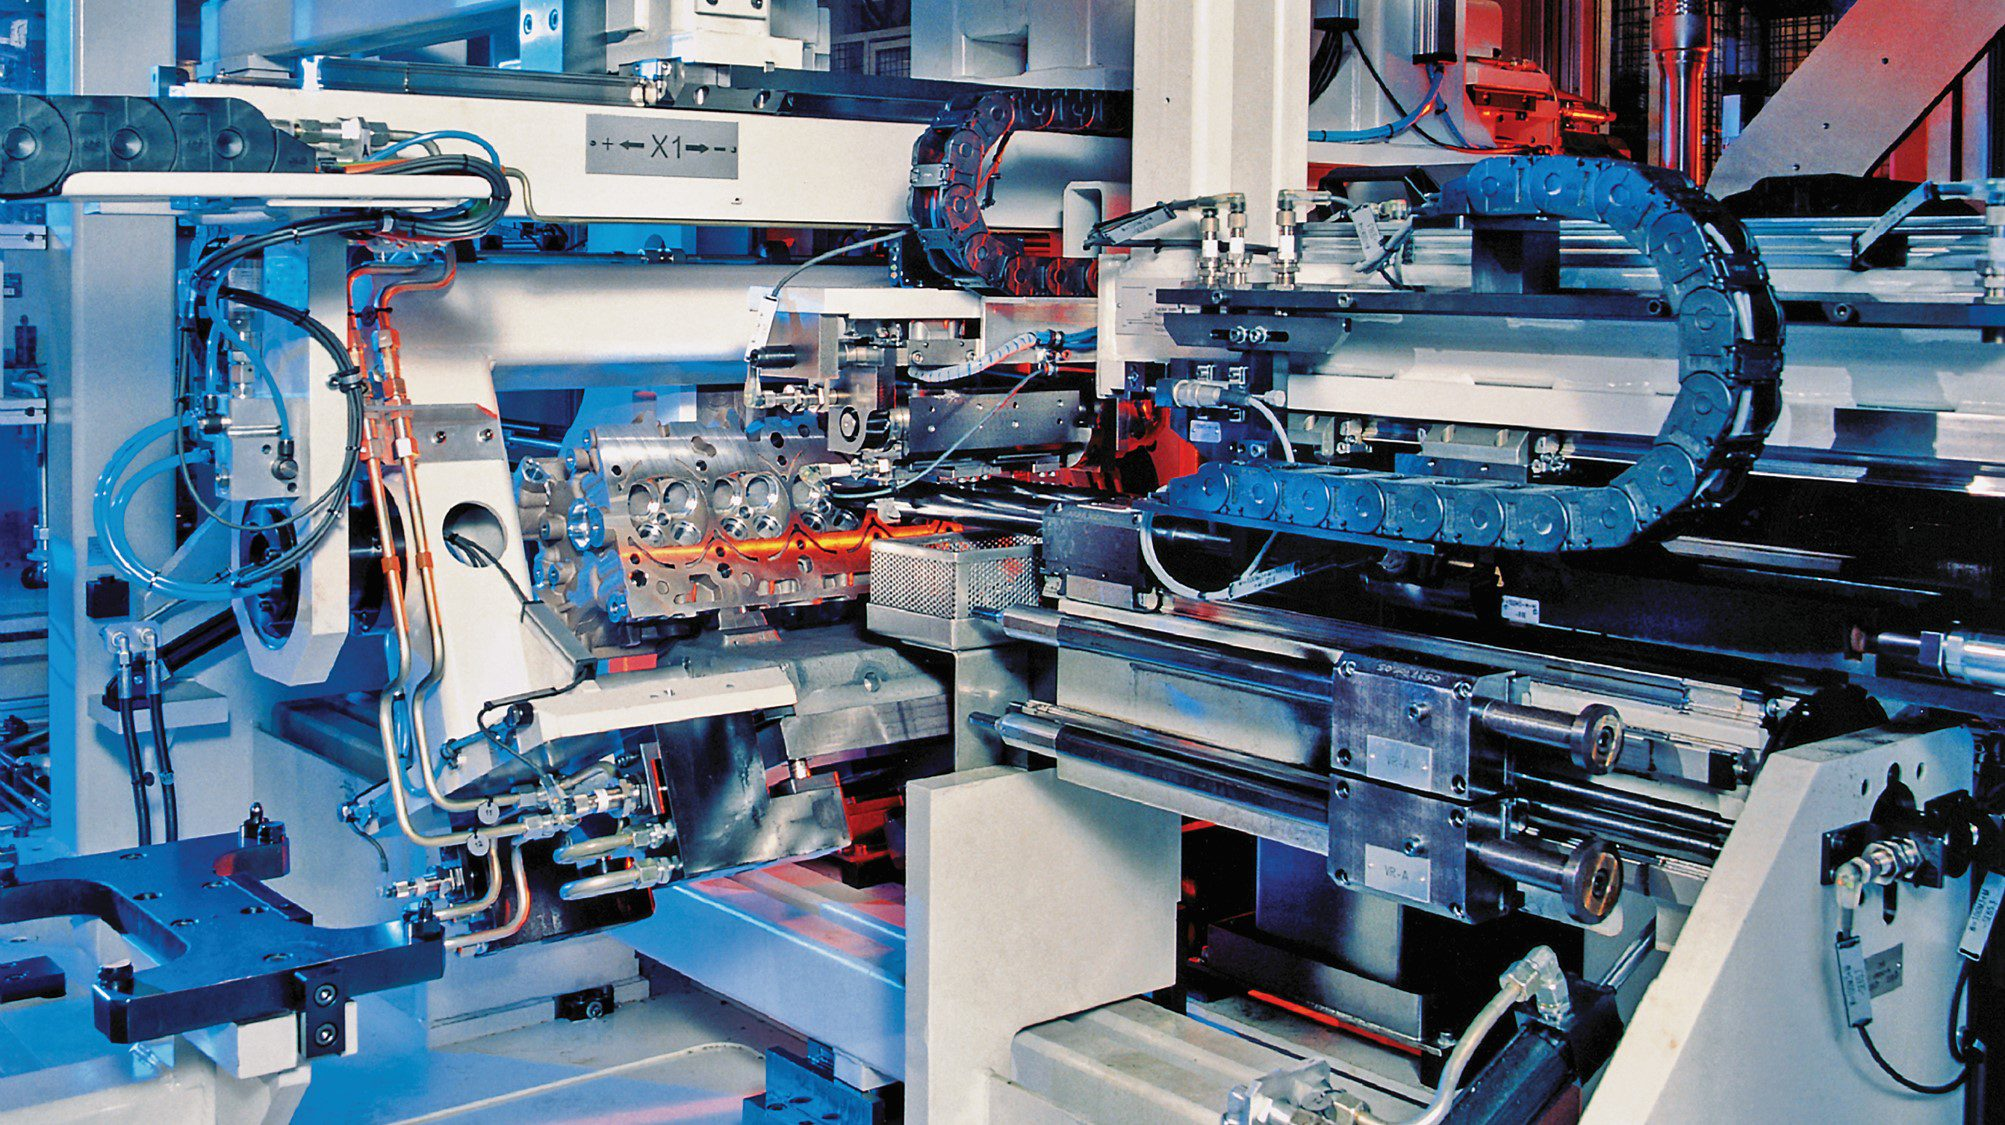 Импортное промышленное оборудование: виды и характеристики